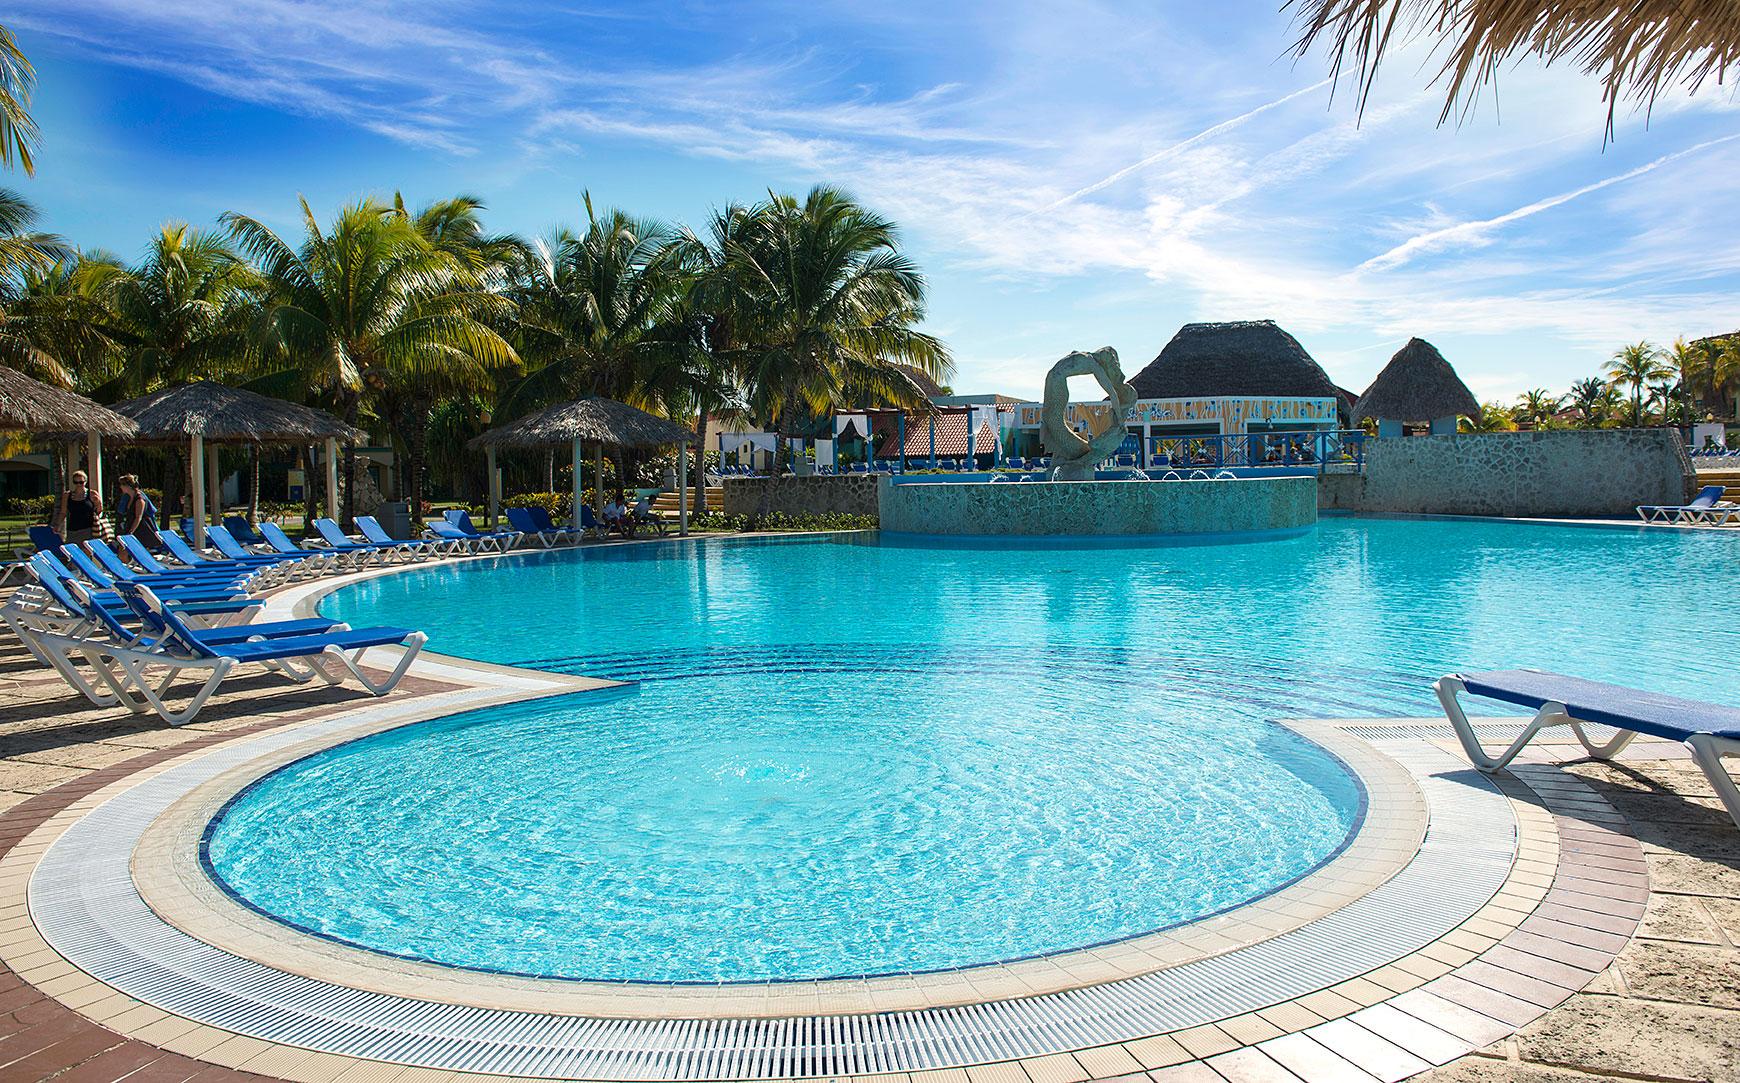 Hotel Daiquiri Cayo Coco Rooms